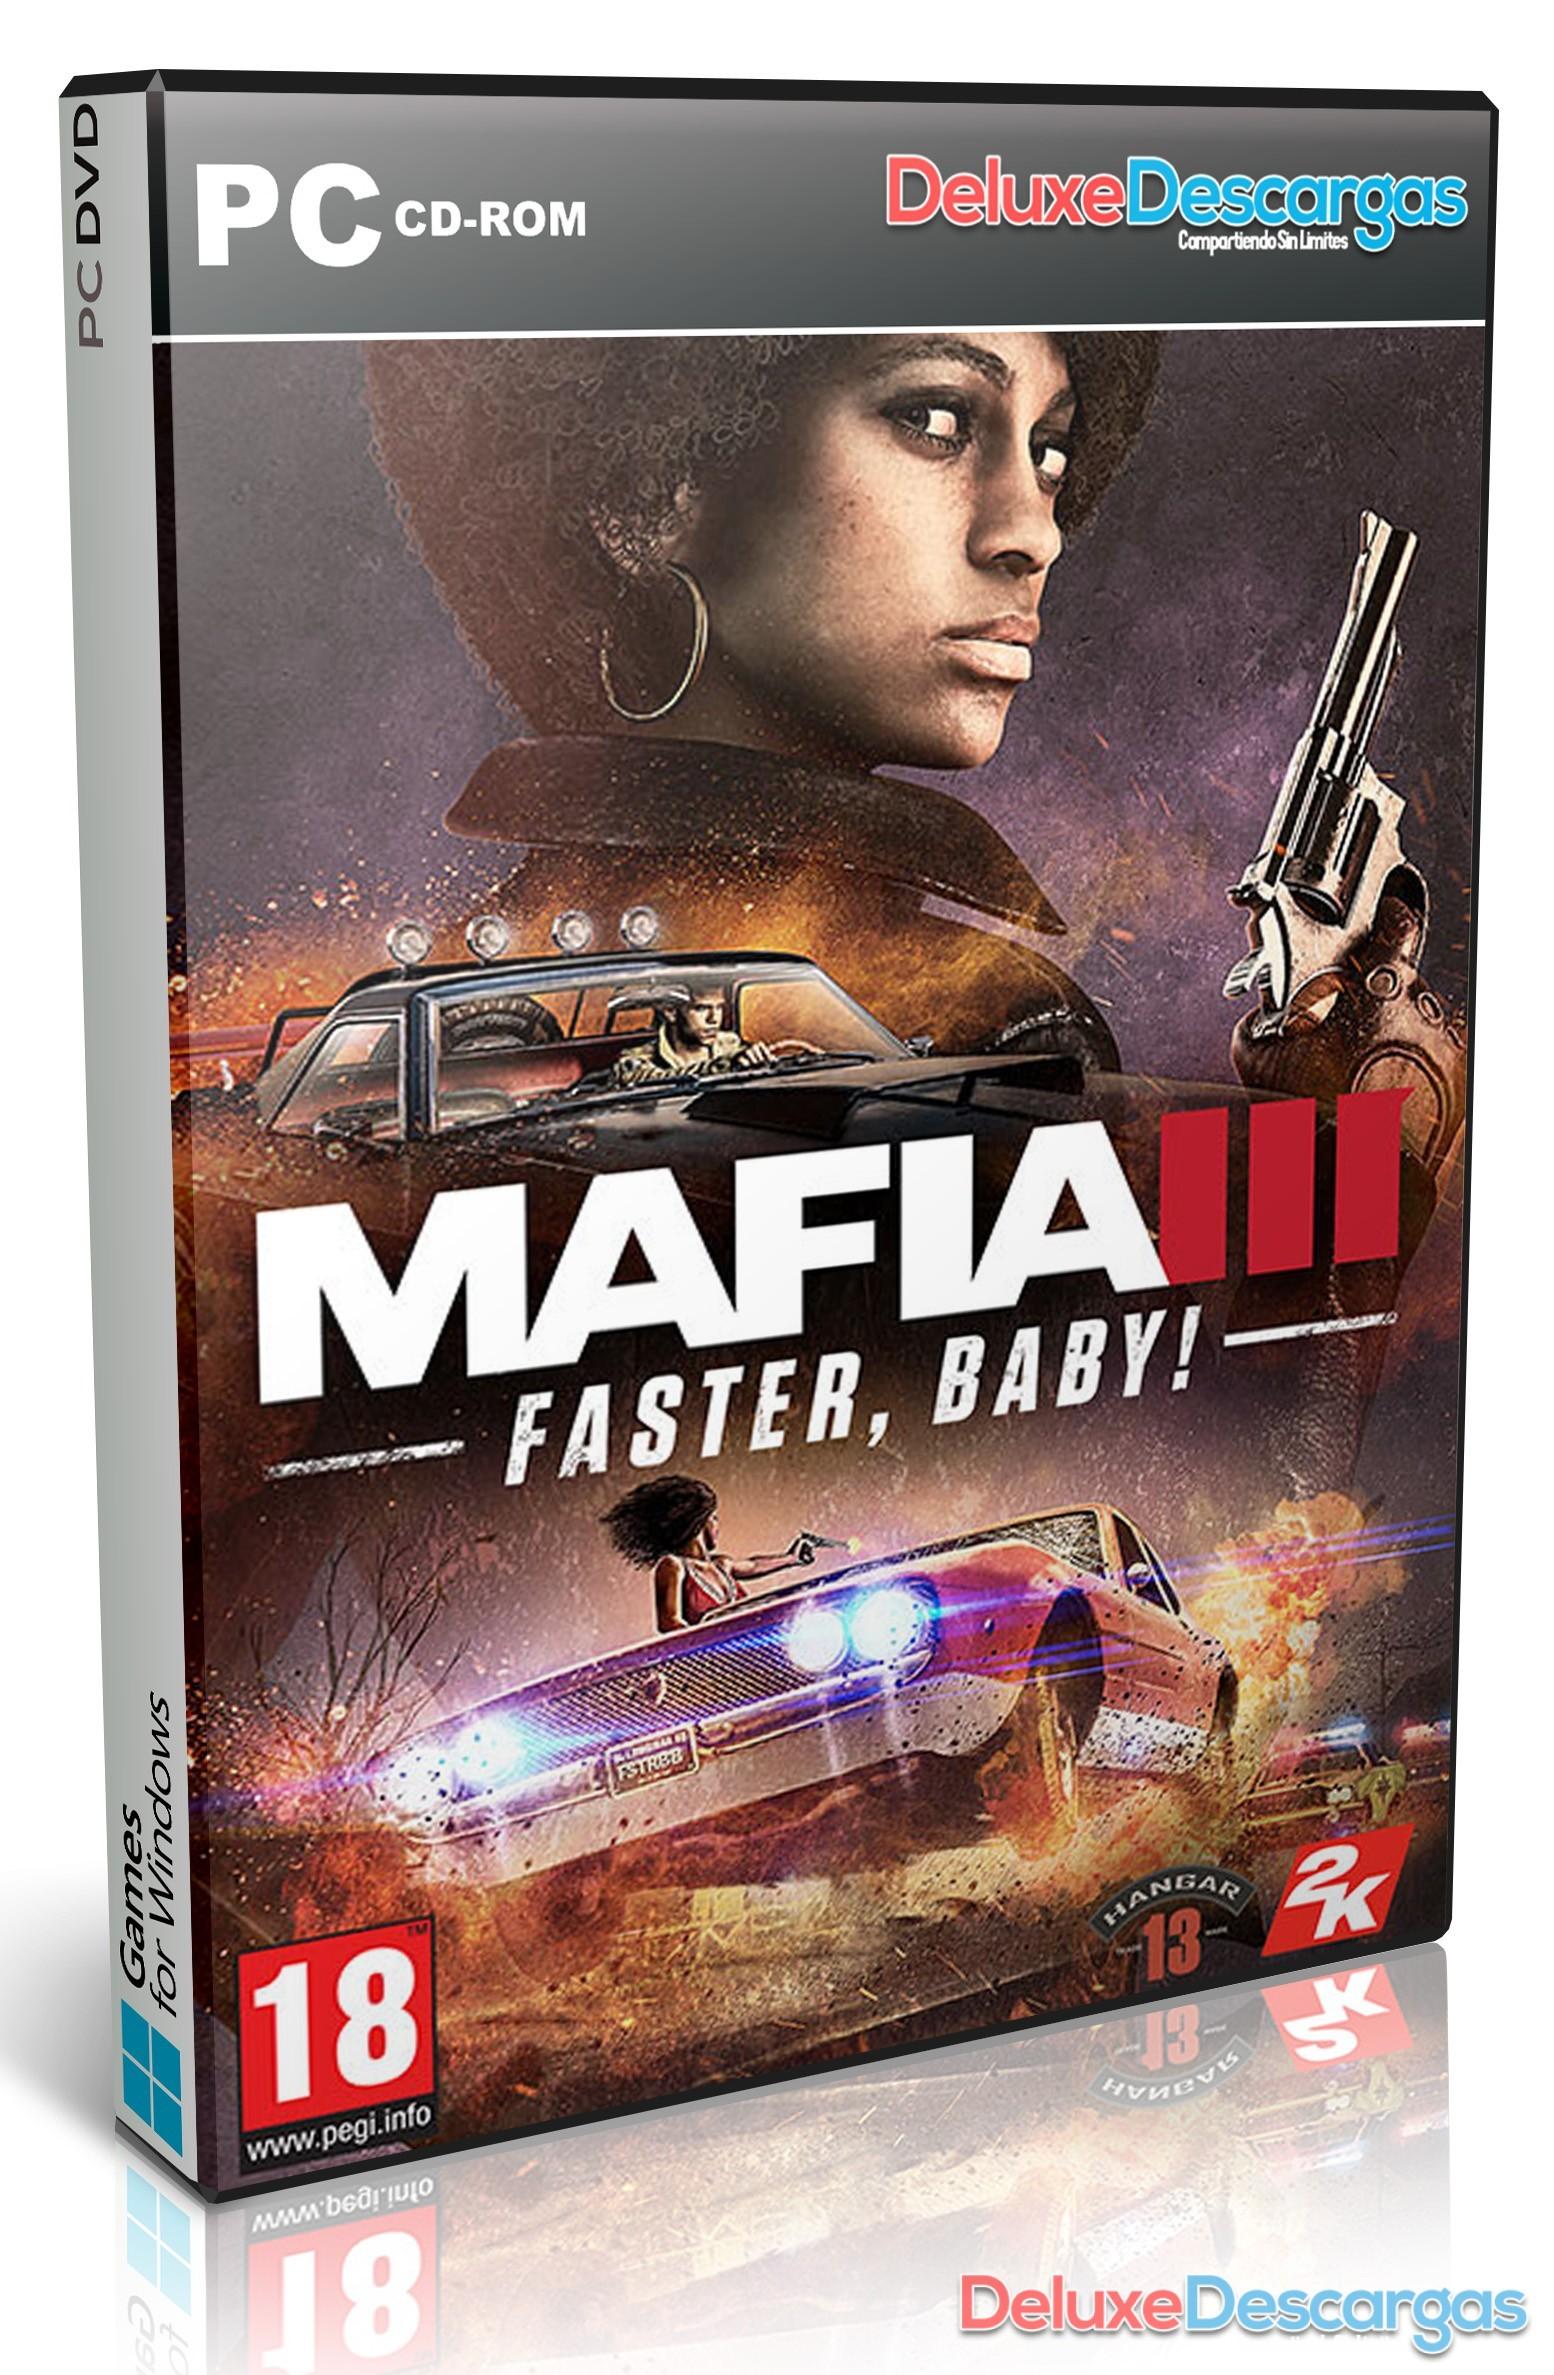 Descargar Mafia Iii Faster Baby Multi Espa 241 Ol Full